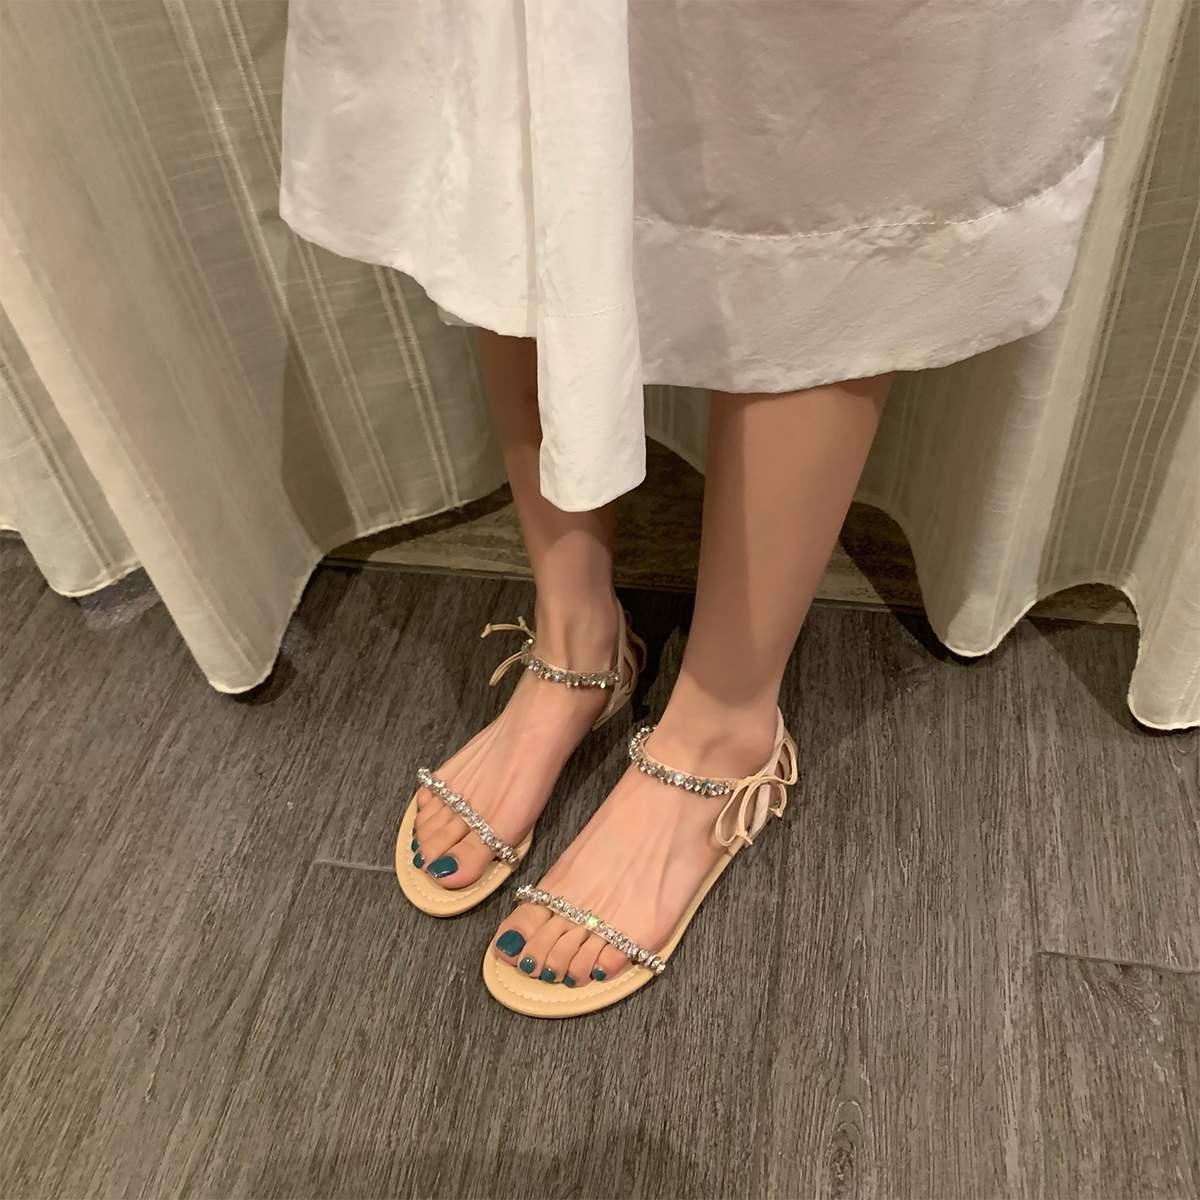 水钻罗马鞋 仙女风水钻中跟凉鞋女2021新款夏季一字带粗跟绑带时尚百搭罗马鞋_推荐淘宝好看的水钻罗马鞋